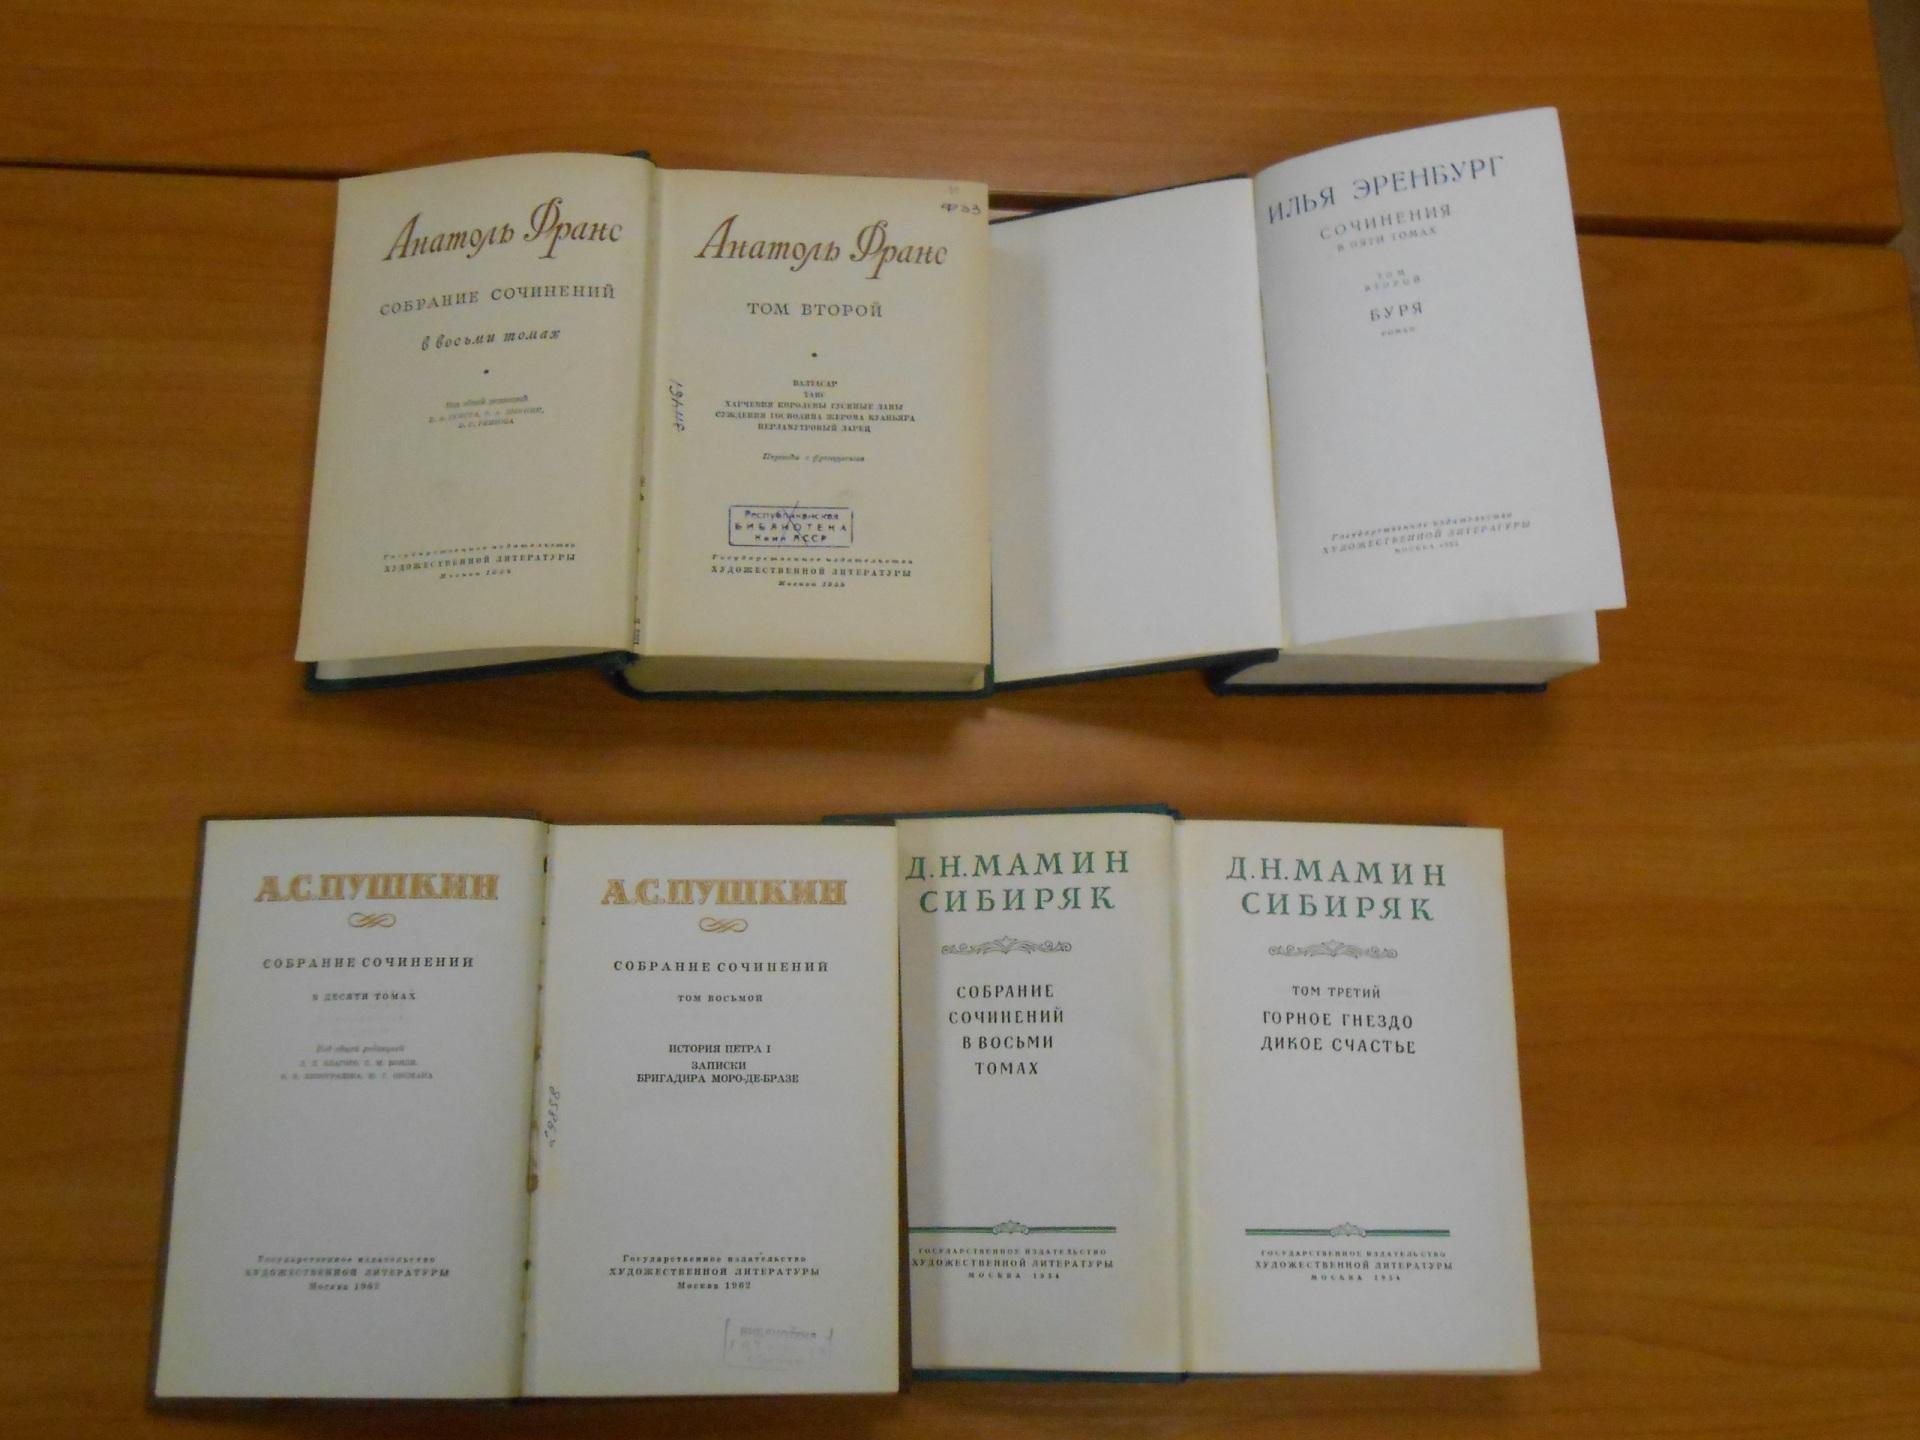 Сыктывкарец пожертвовал в библиотеку книги, взятые на абонементе полвека назад